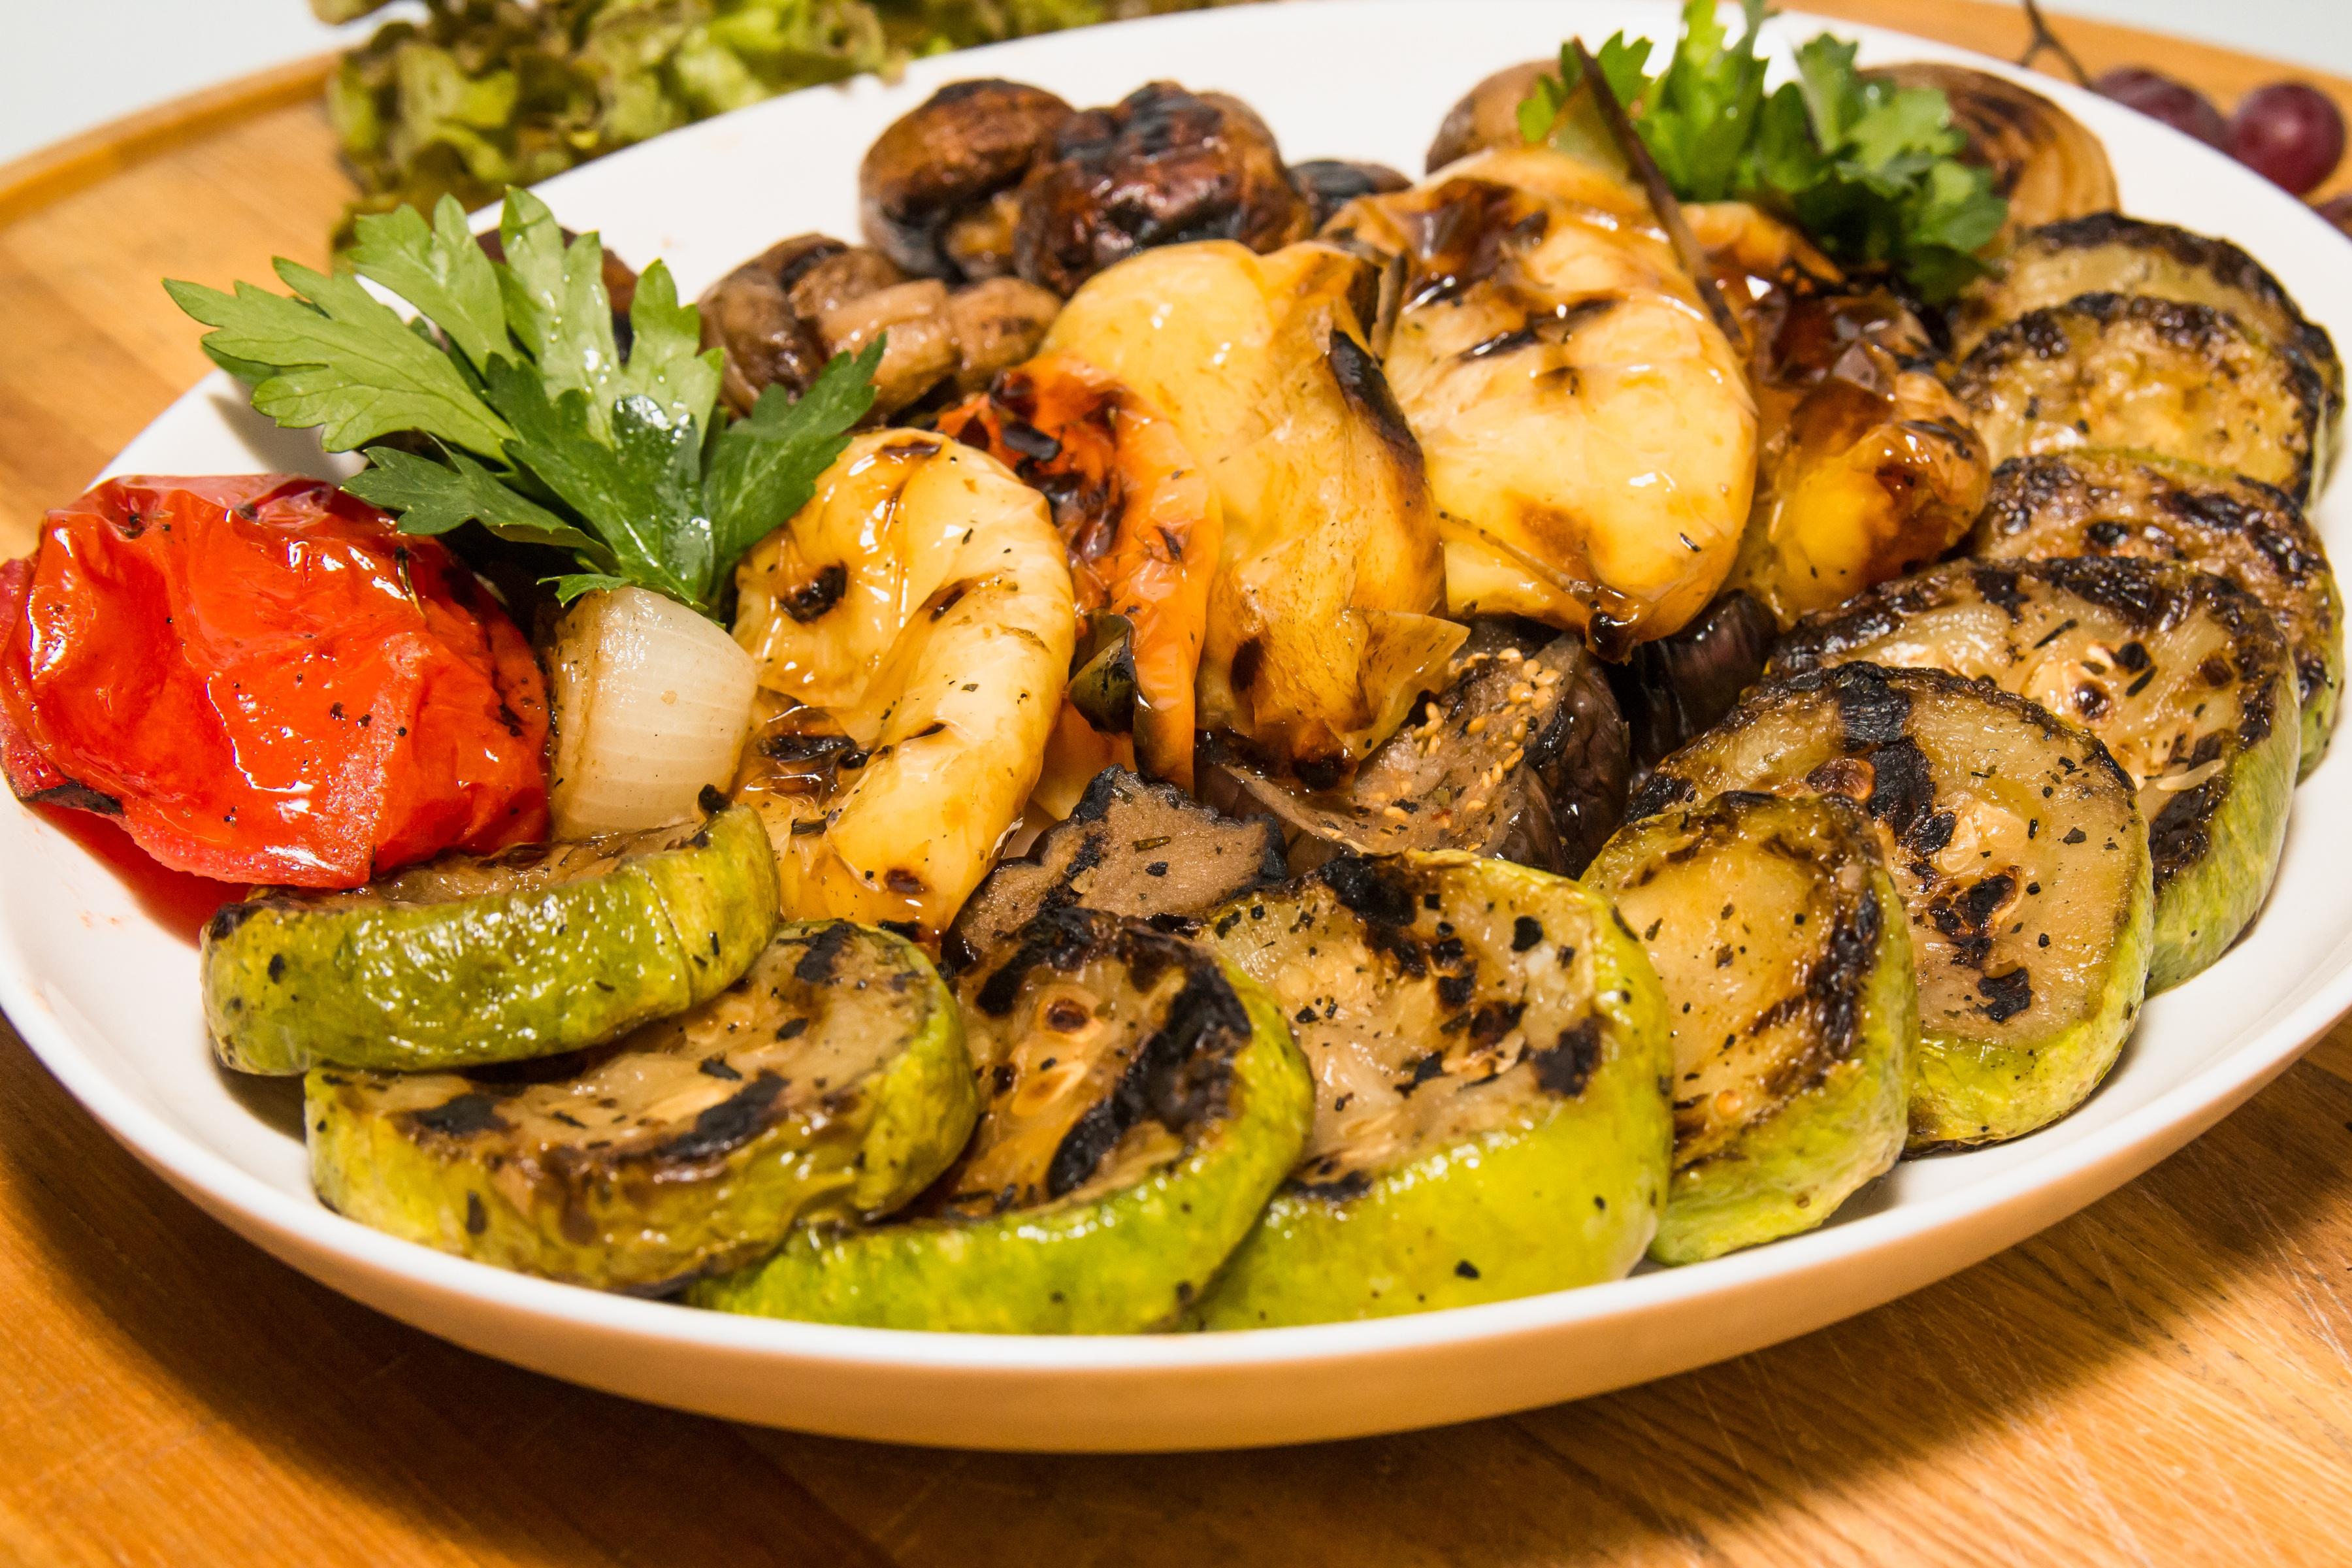 Fotos gratis : plato, verde, pimienta, Produce, vegetal, de cerca, carne, almuerzo, cocina, parrilla, utilizar, nutrición, vegetales, hongos, calabacín, ...